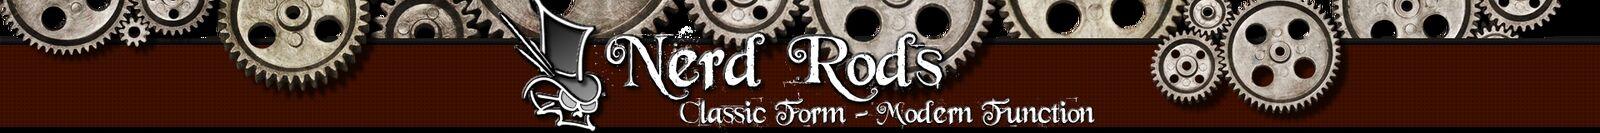 Nerd Rods DIY Kit Frames